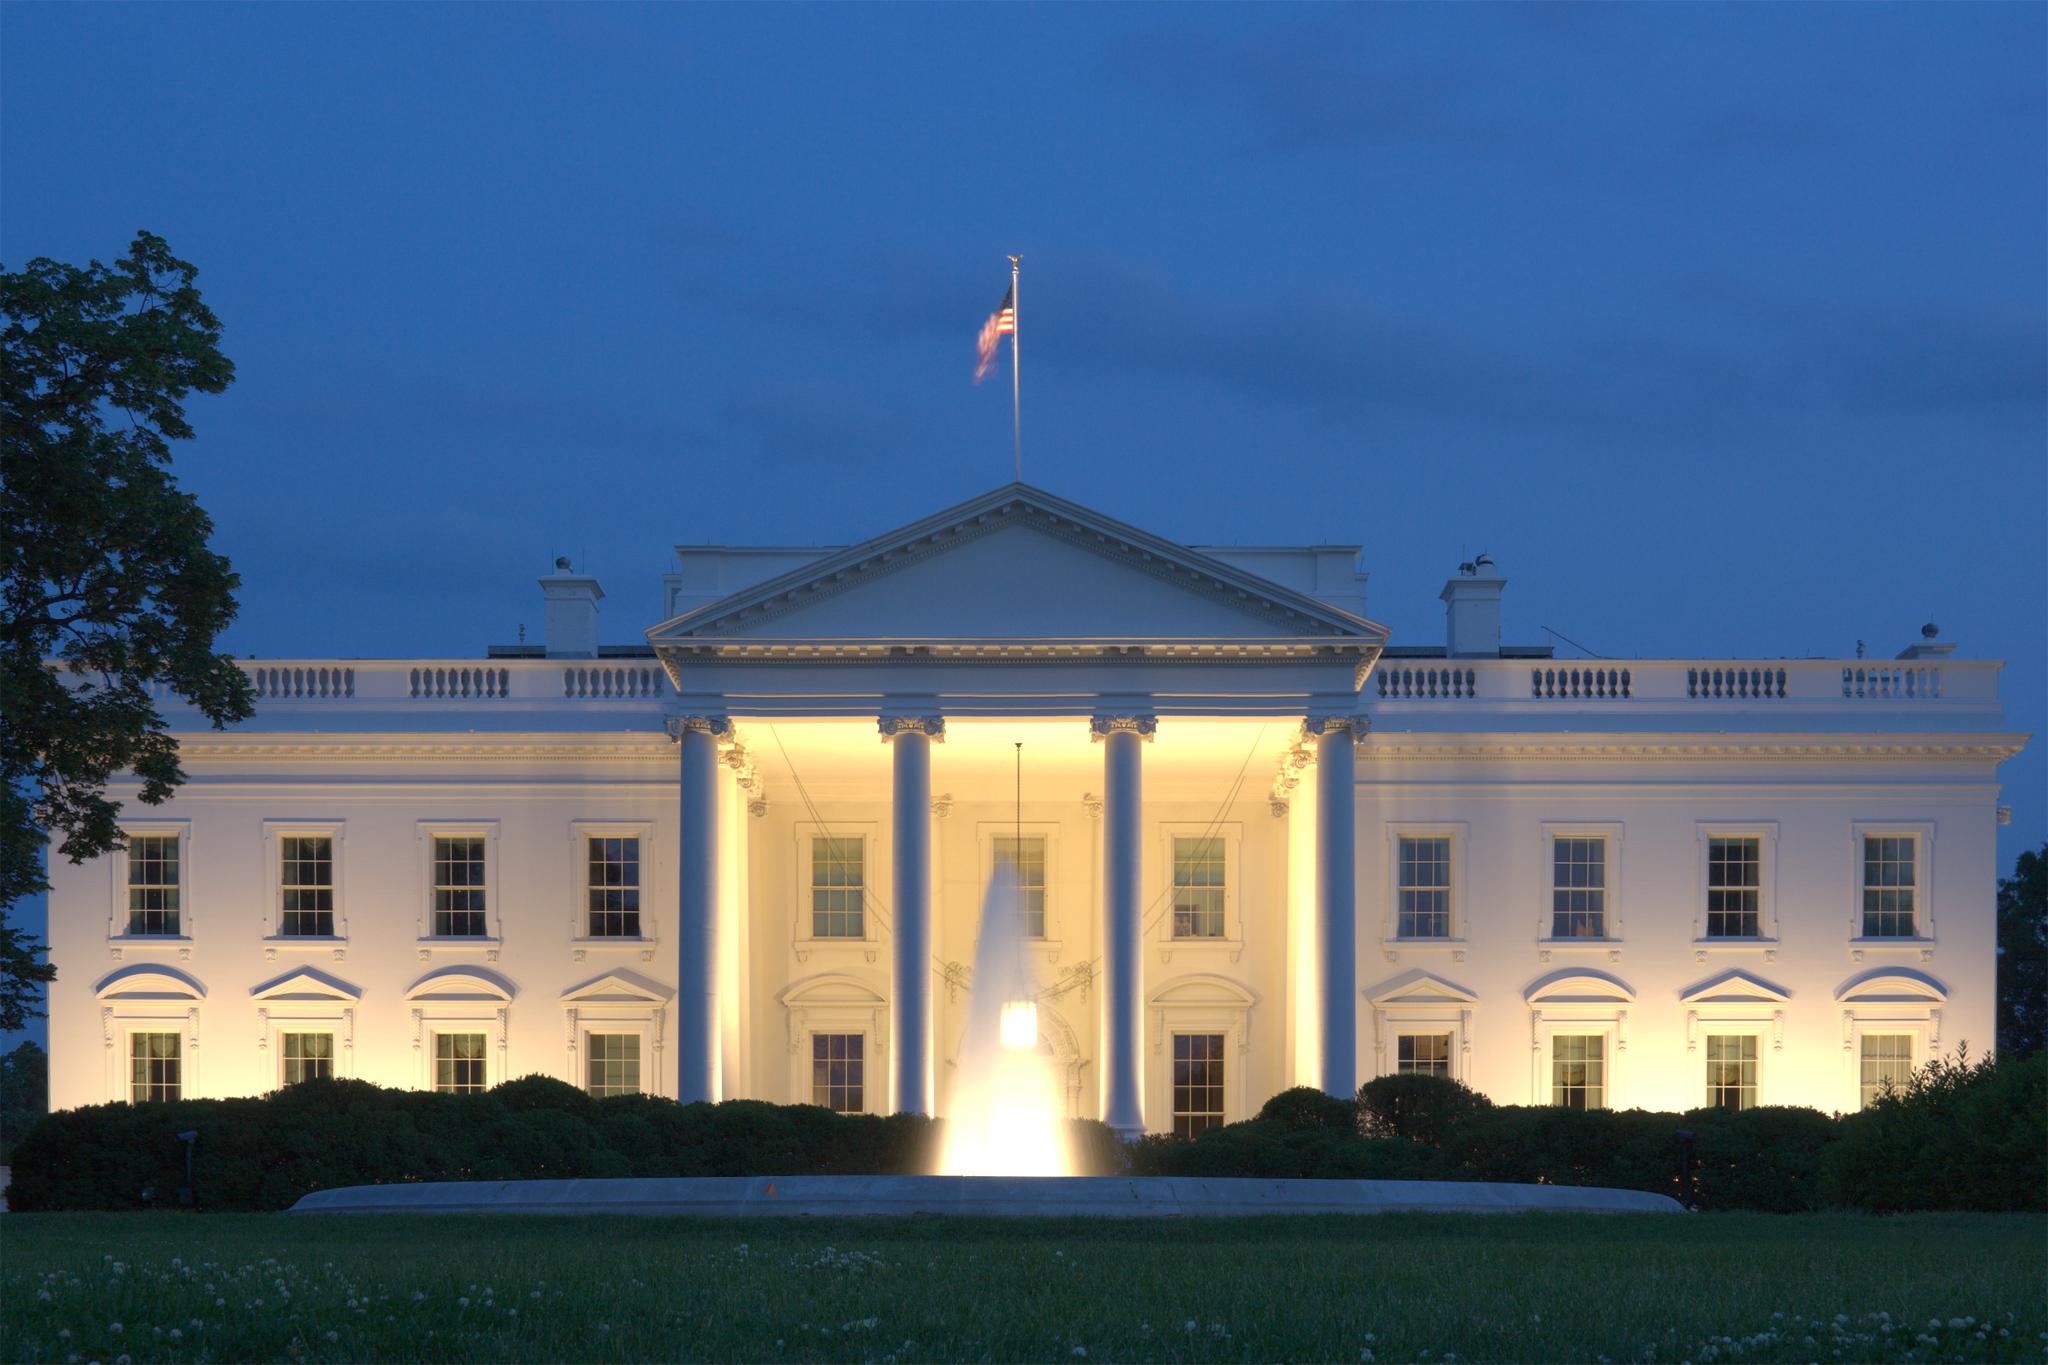 White house apron - White House Apron 62